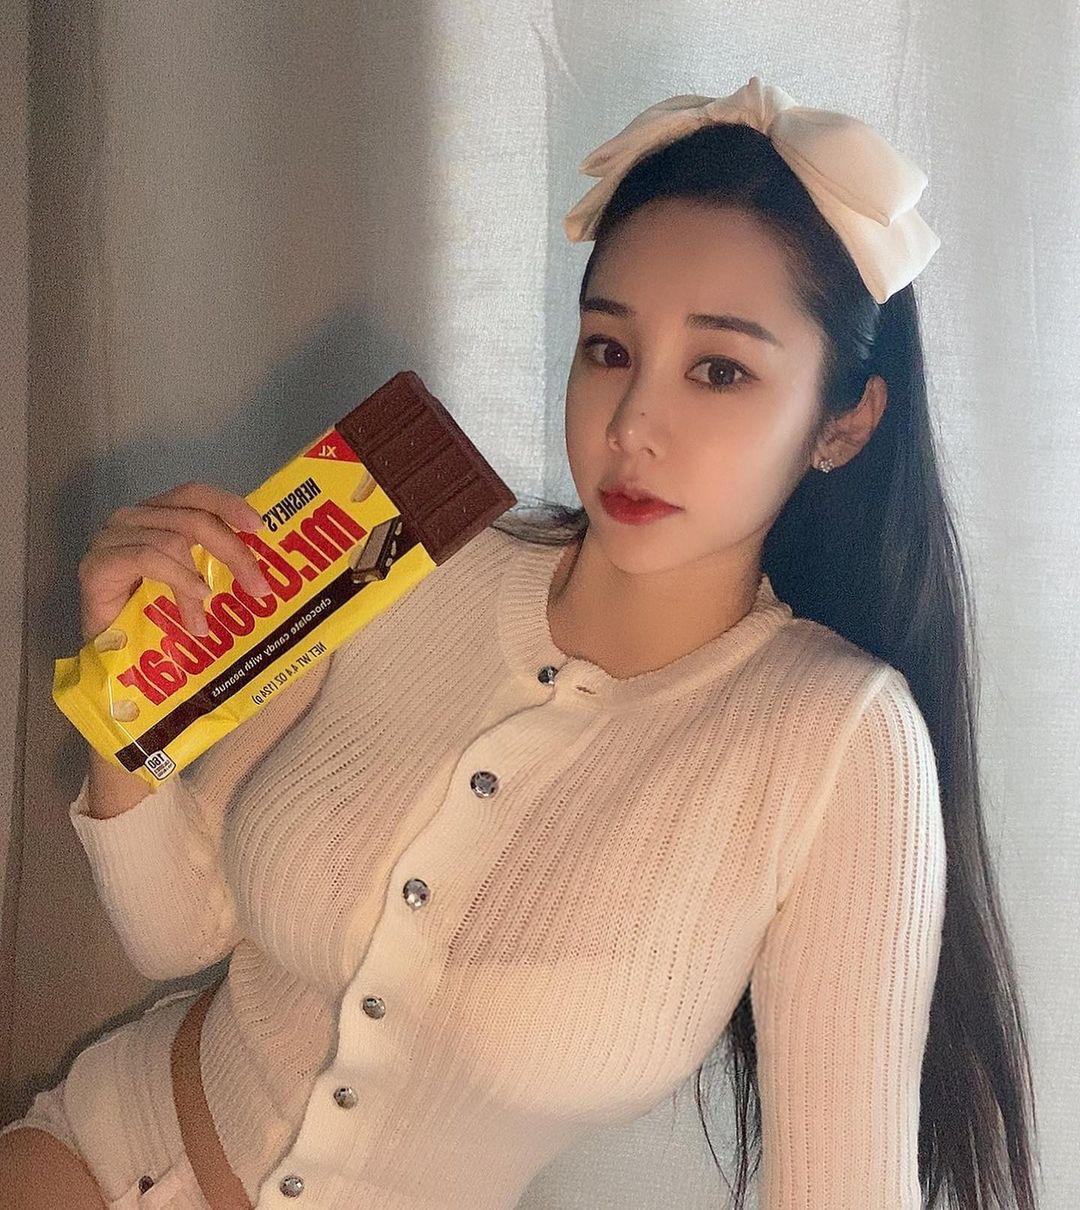 赛车女郎Kang habin 火辣身材成底片杀手!超肉感福利满满-新图包